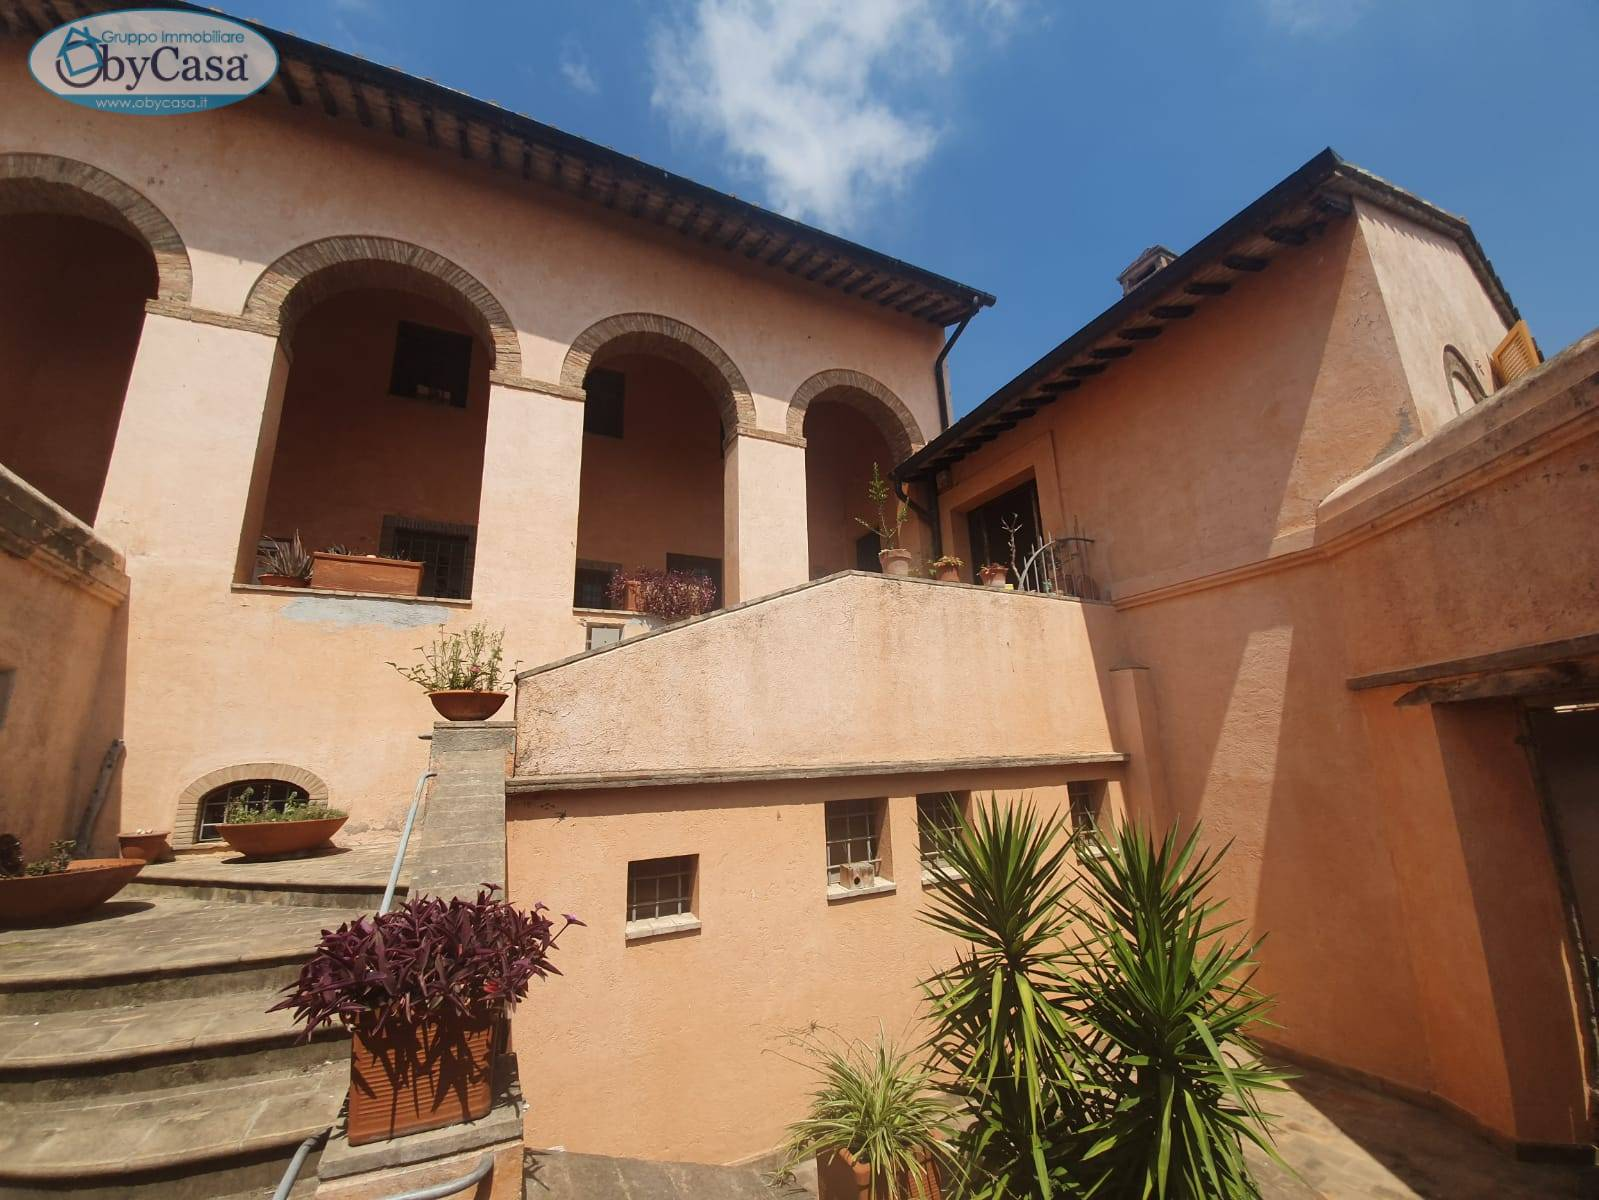 Appartamento in vendita a Cerveteri, 2 locali, prezzo € 115.000 | CambioCasa.it